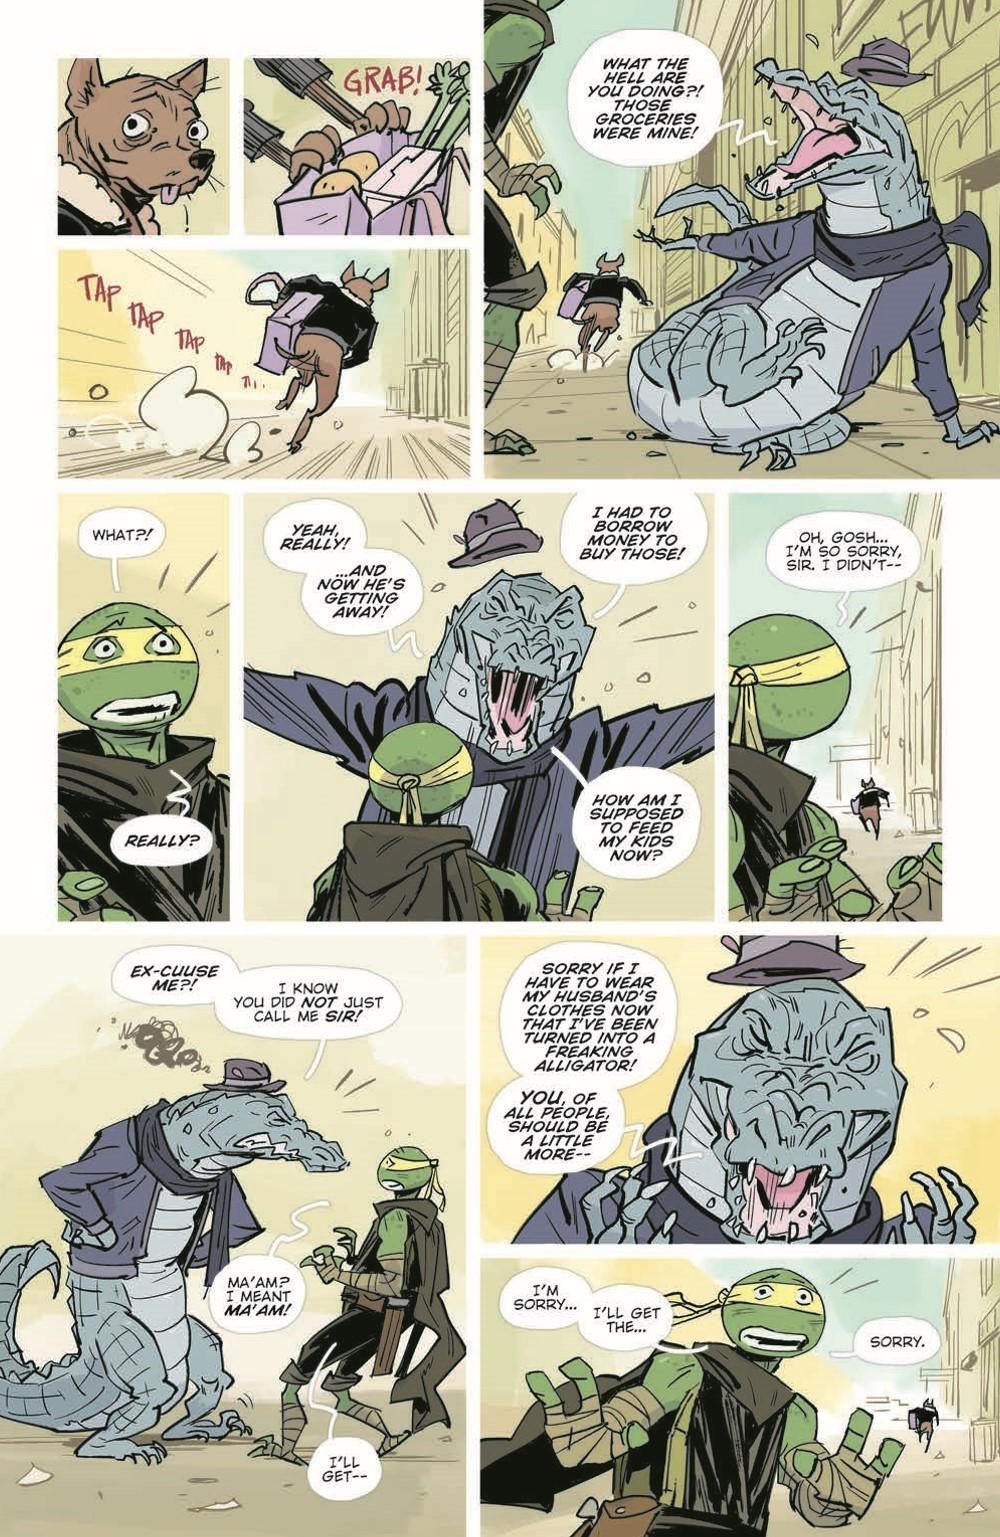 TMNT-Jennika02_pr-7 ComicList Previews: TEENAGE MUTANT NINJA TURTLES JENNIKA II TP